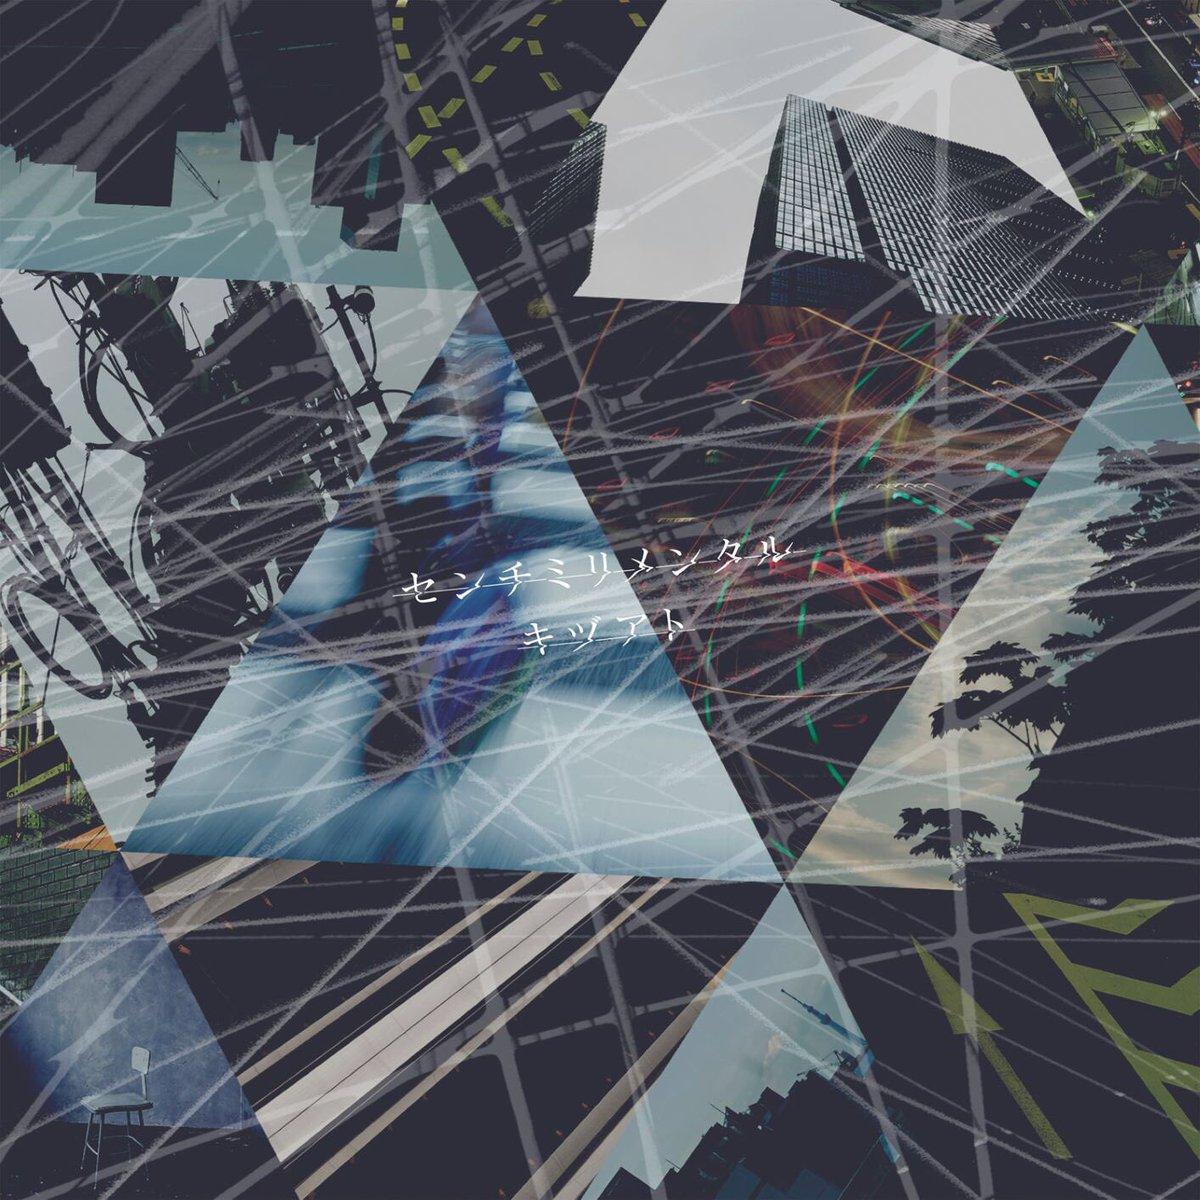 『センチミリメンタル - キヅアト 歌詞』収録の『キヅアト』ジャケット